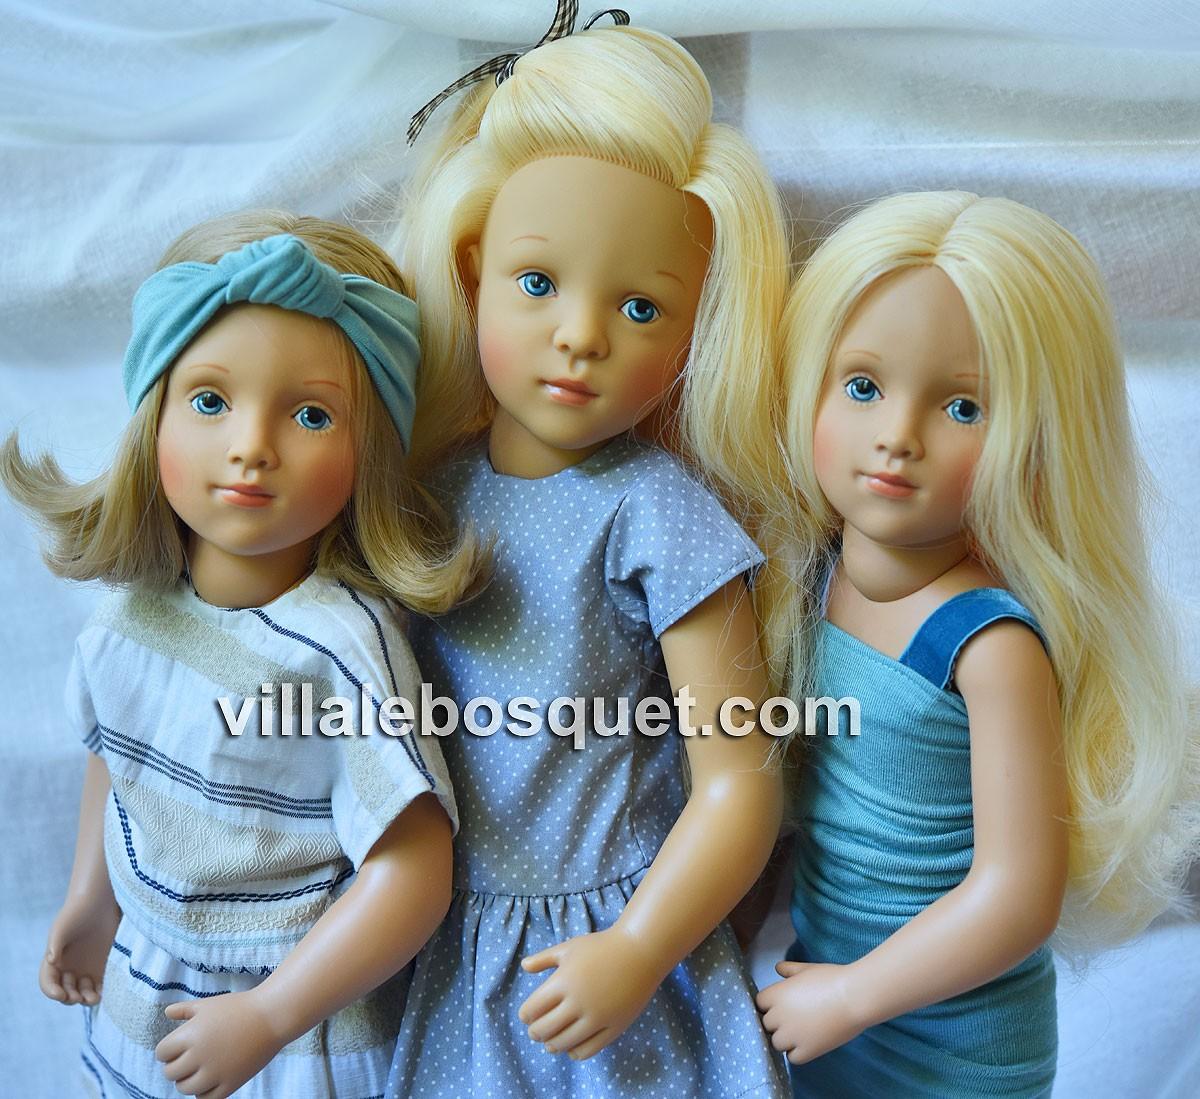 Les superbes poupées à jouer de Sylvia Natterer pour Petitcollin, fabriquées en Europe.